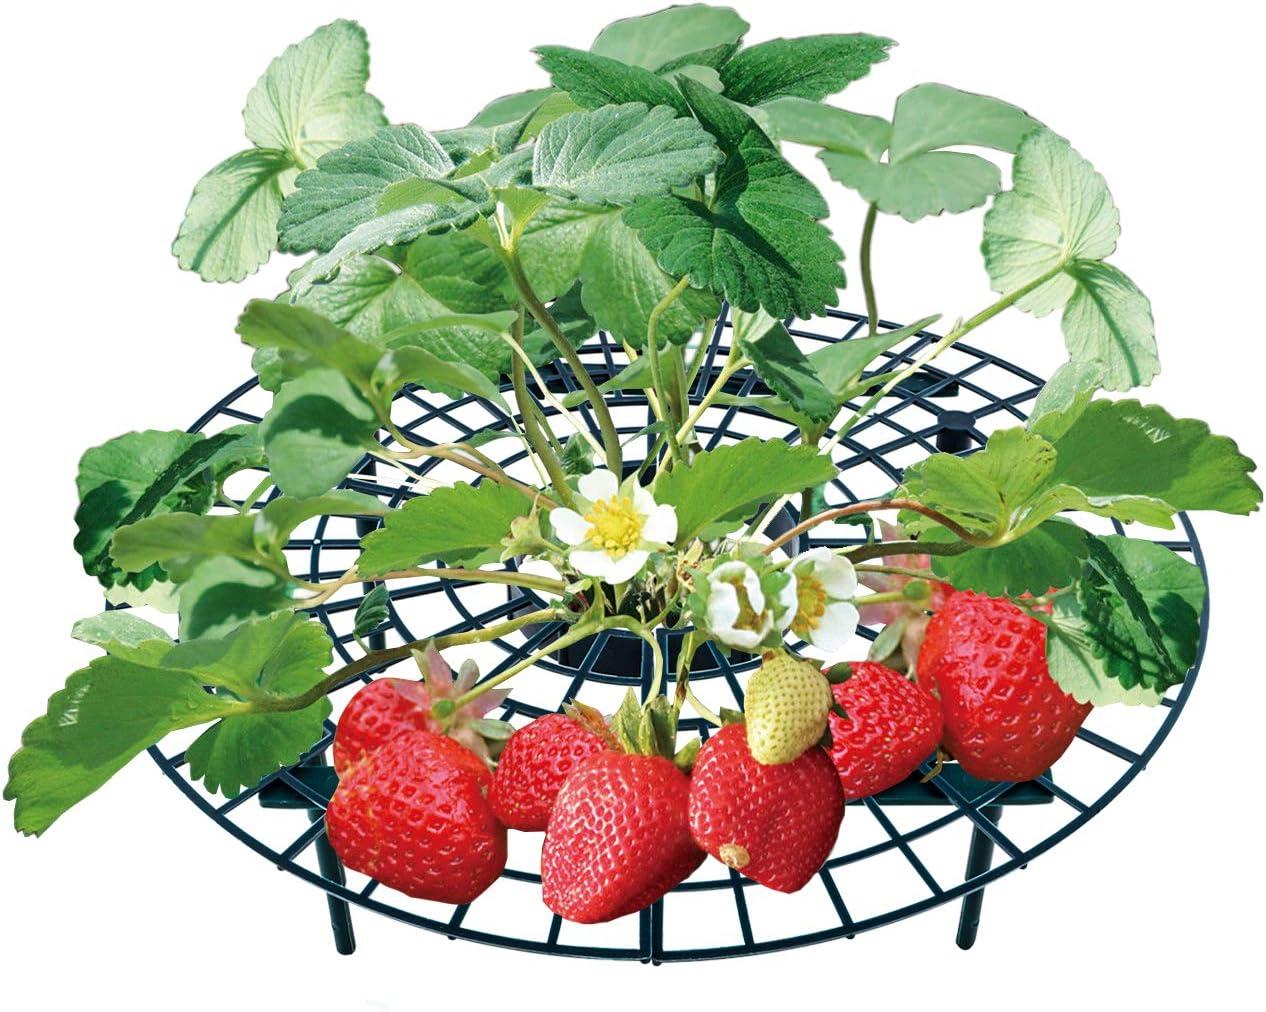 5 STK. Einstellbare St/ützen f/ür Erdbeeren Salat und Tomaten UPP Erdbeerreifer /& Fruchtreifer Schneckenschutz und Schutz vor F/äulnis und Schimmel